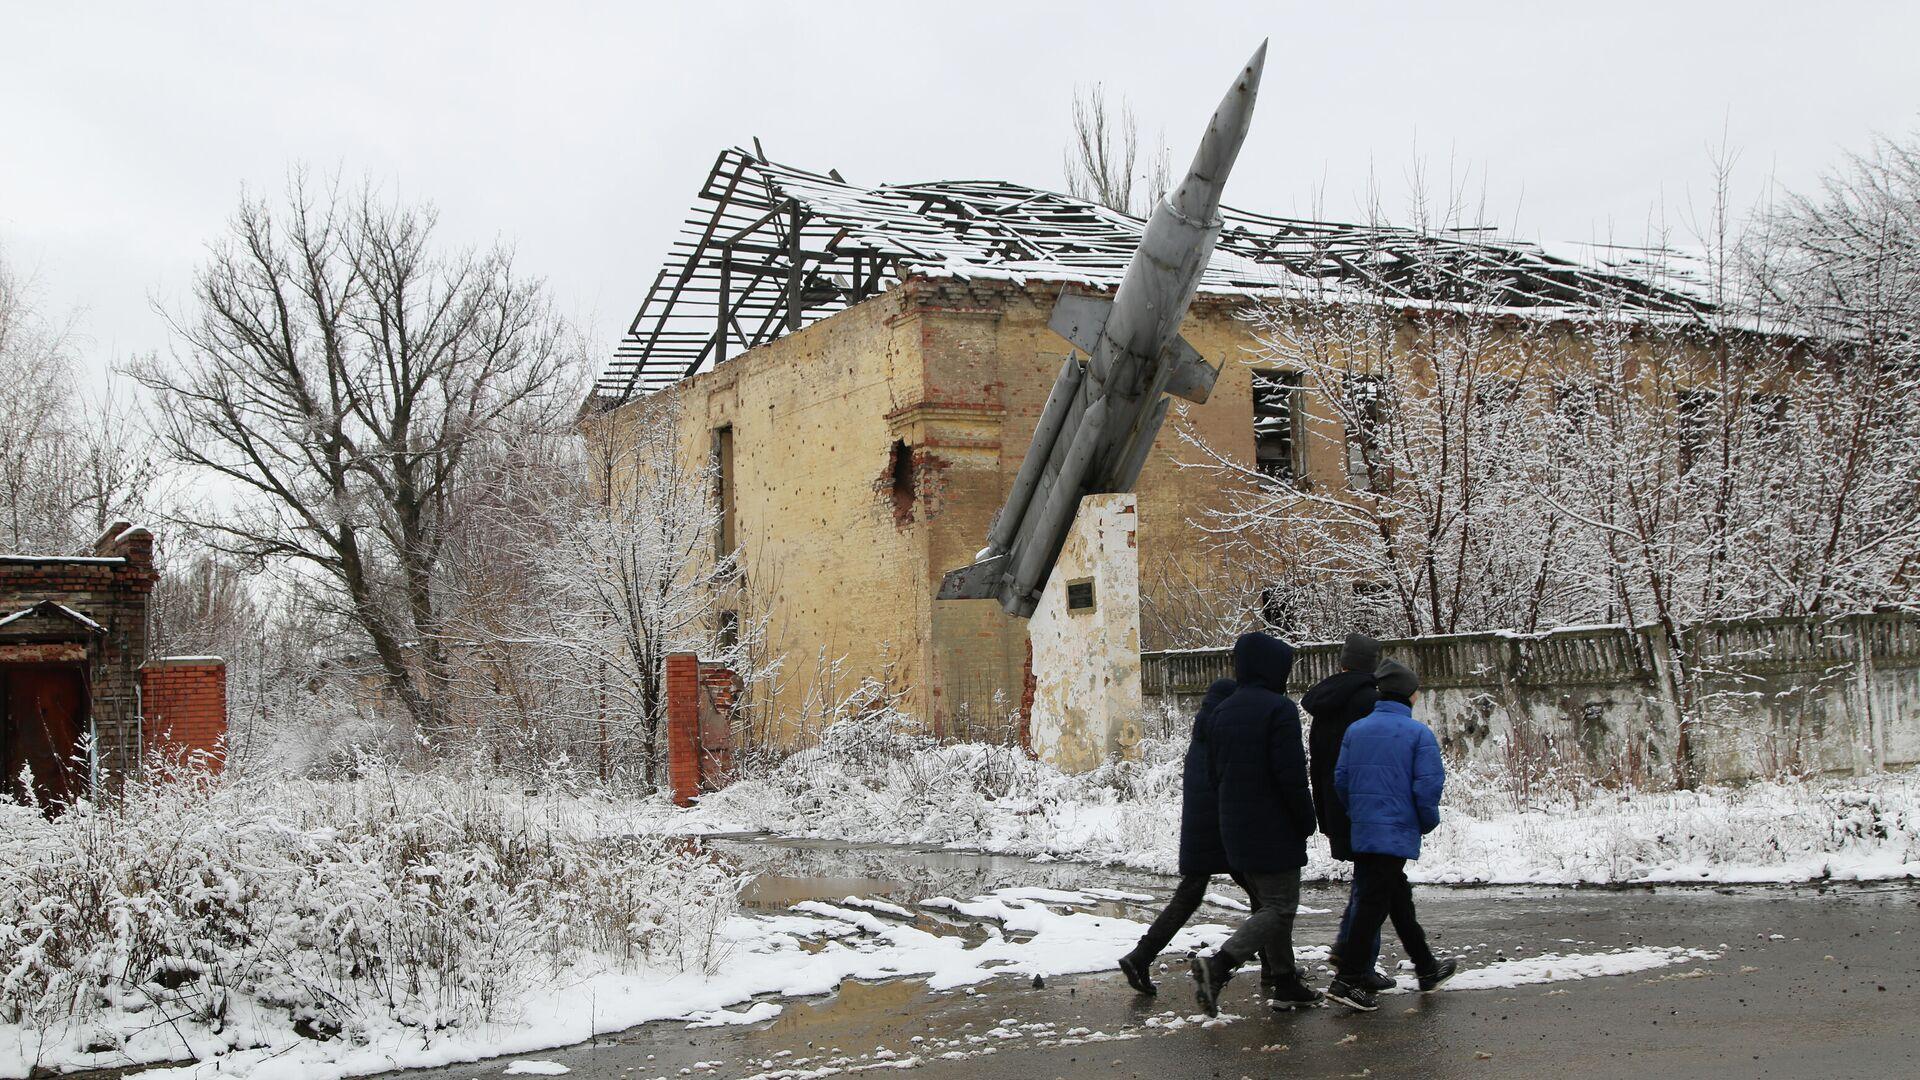 Местные жители на одной из улиц в поселке Веселое Донецкой области. | © РИА Новости / Сергей Аверин